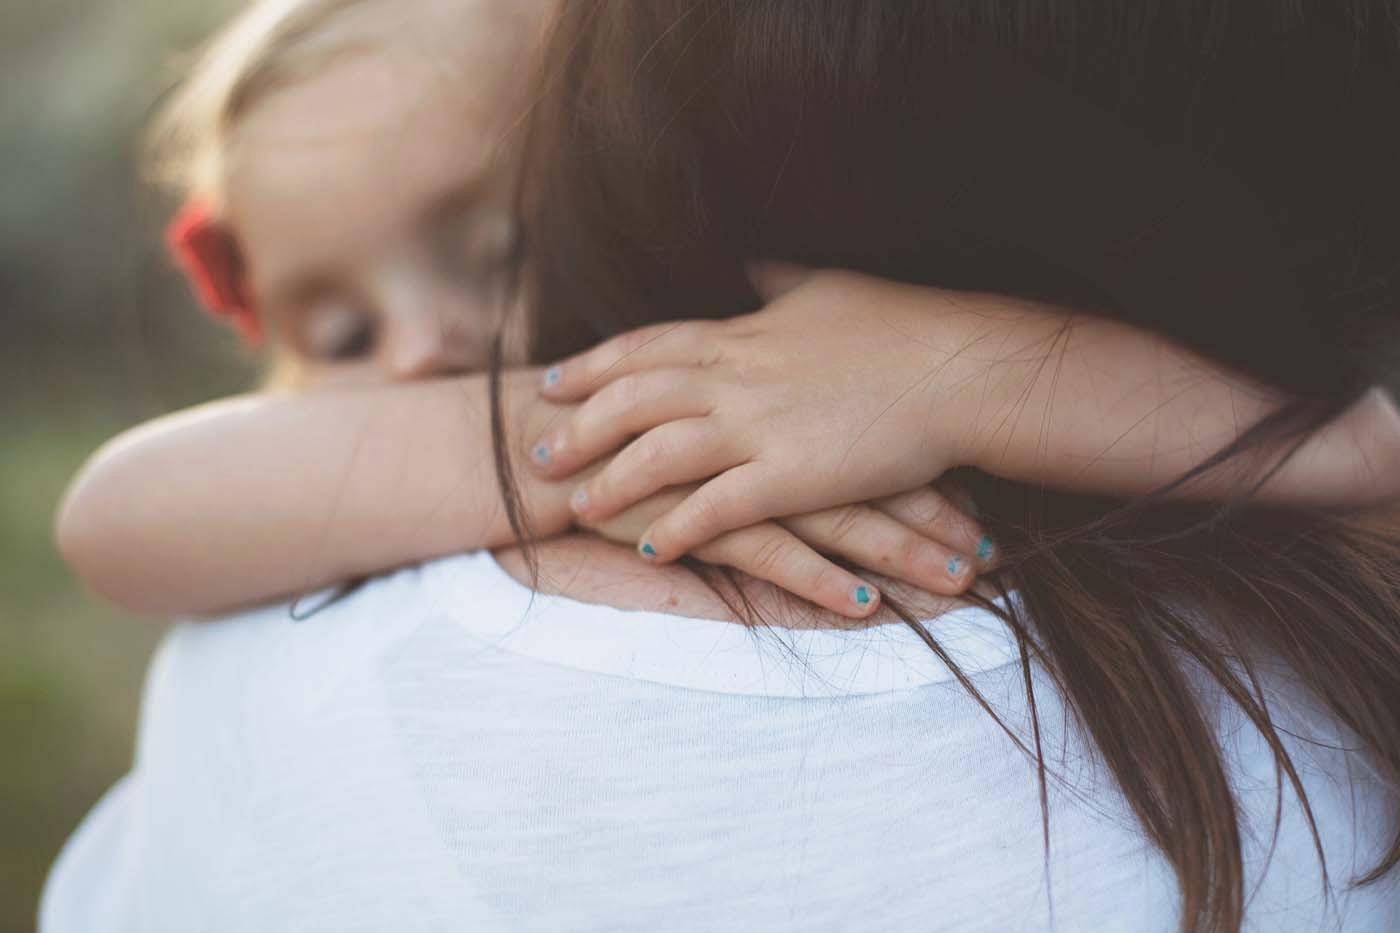 What Motherhood Feels Like by Summer Murdock